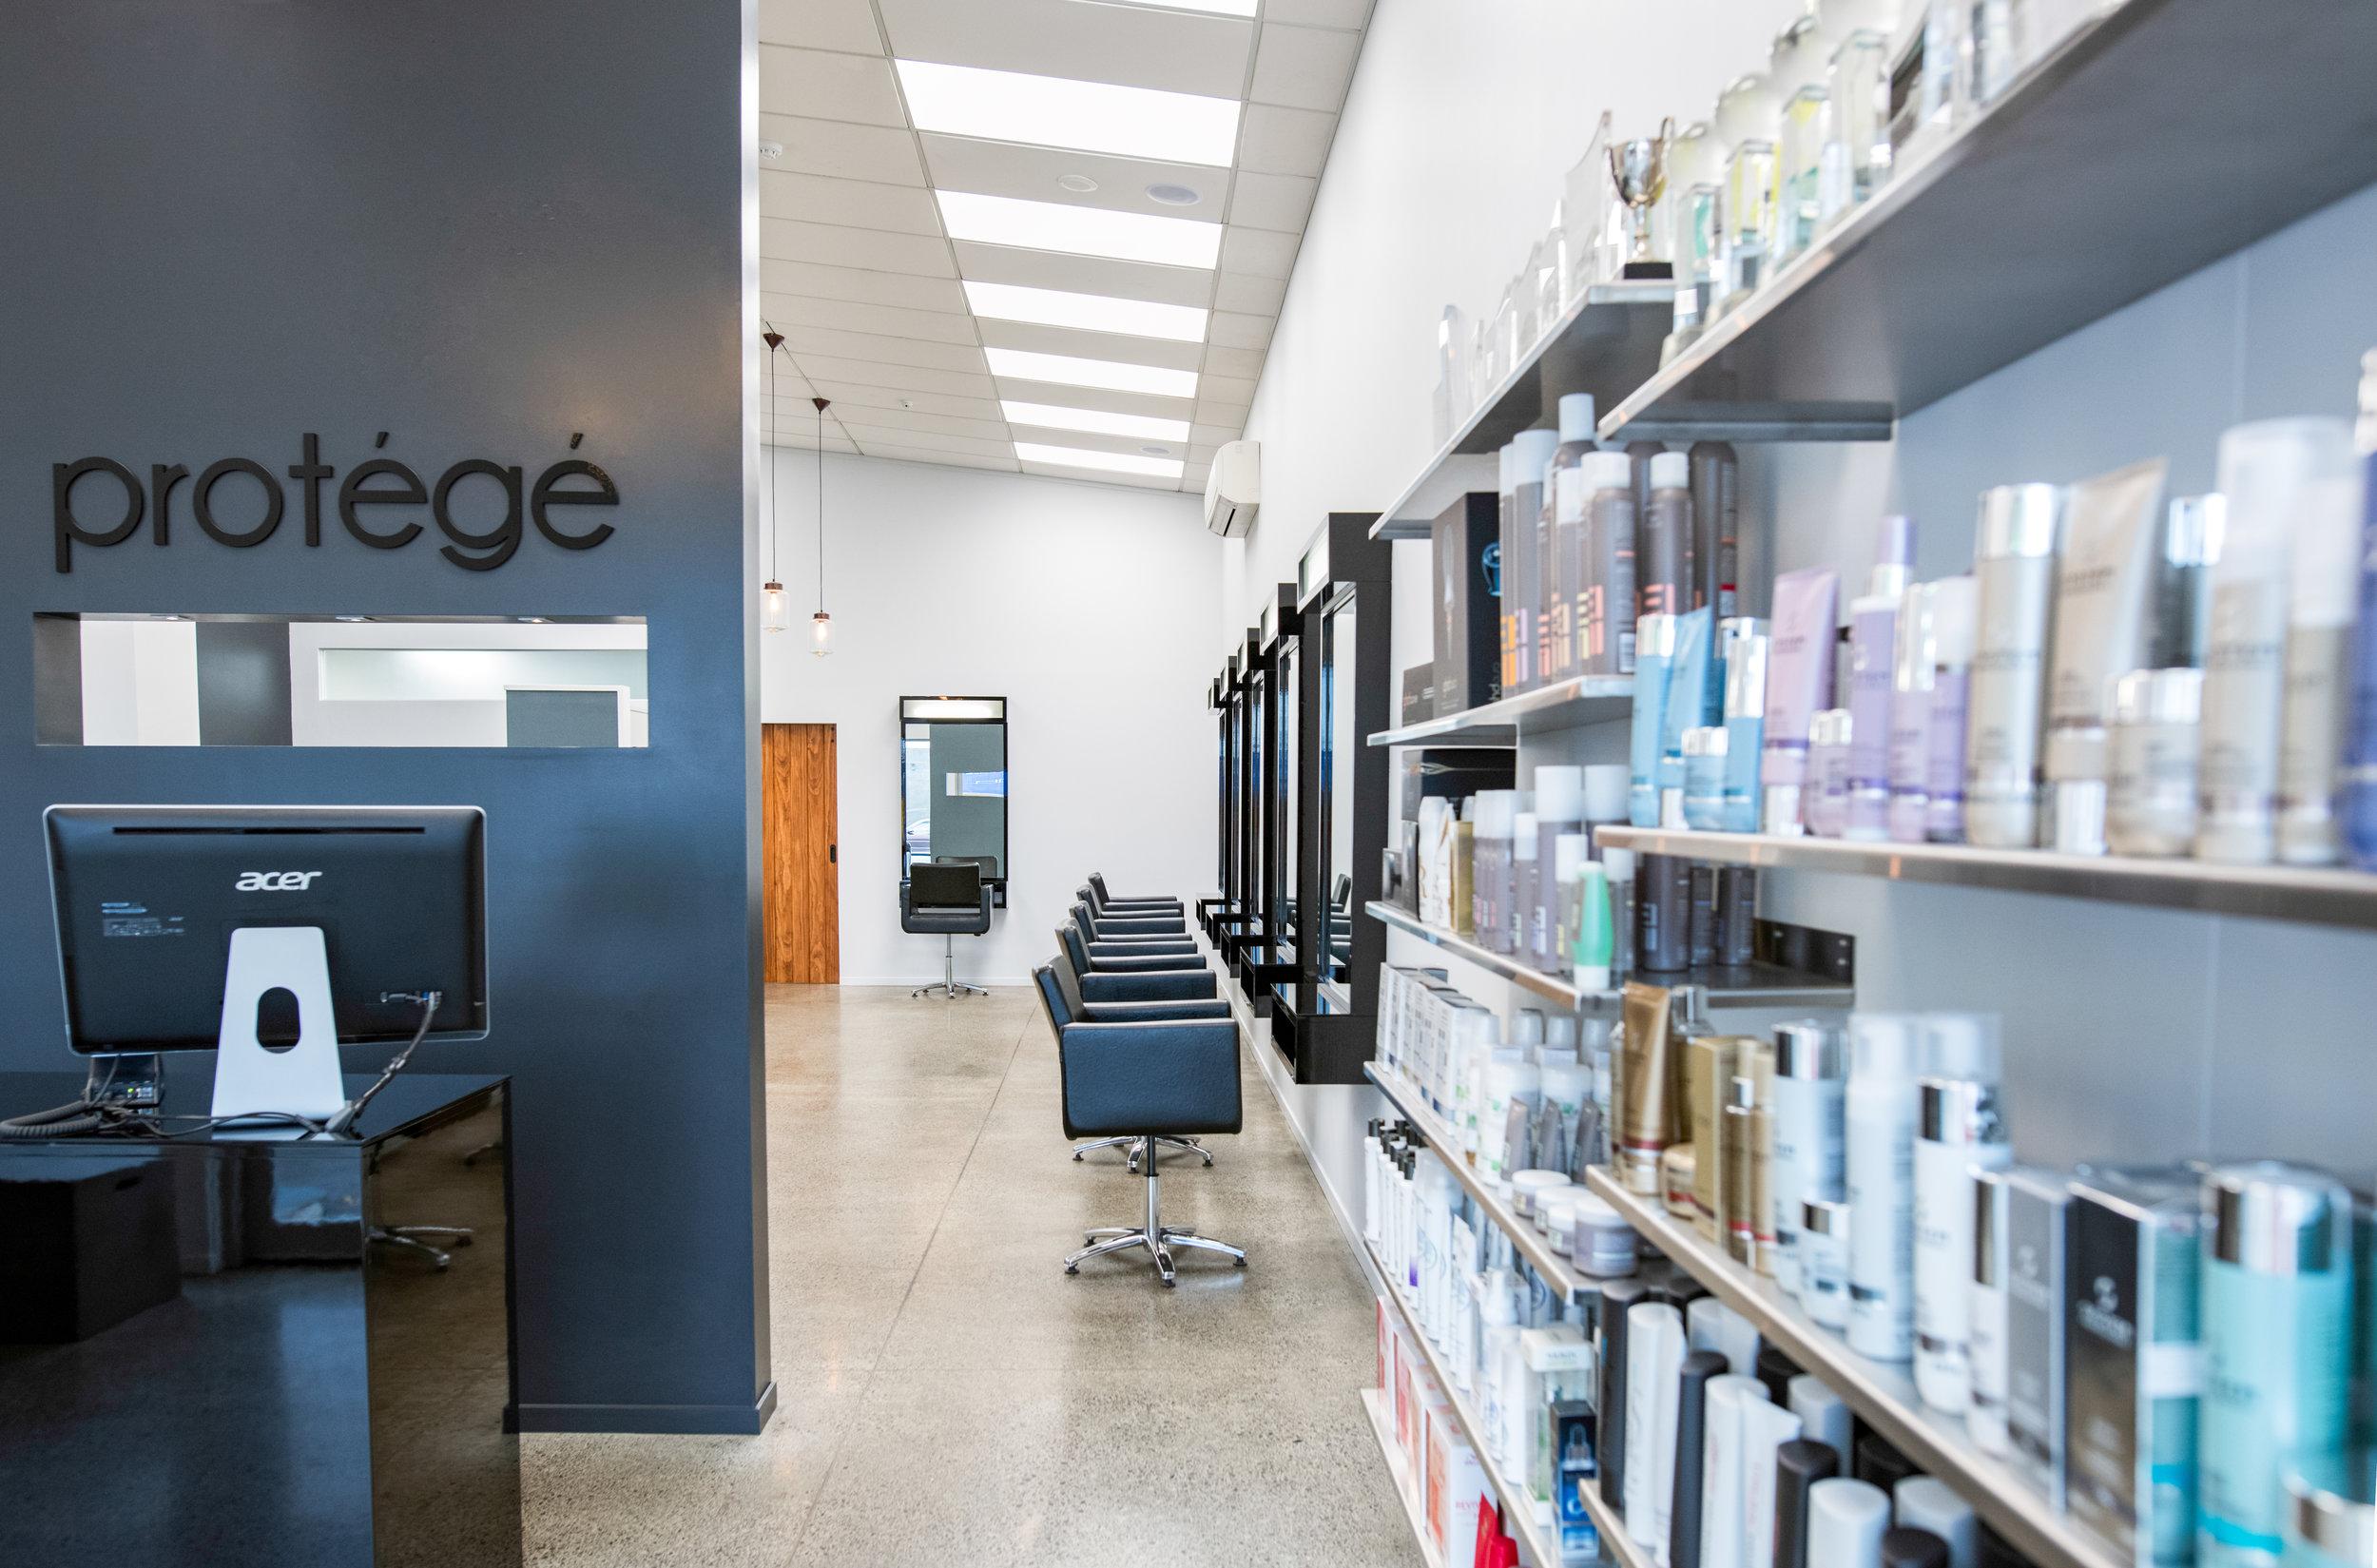 Protege Salon Images 2017 (2).jpg